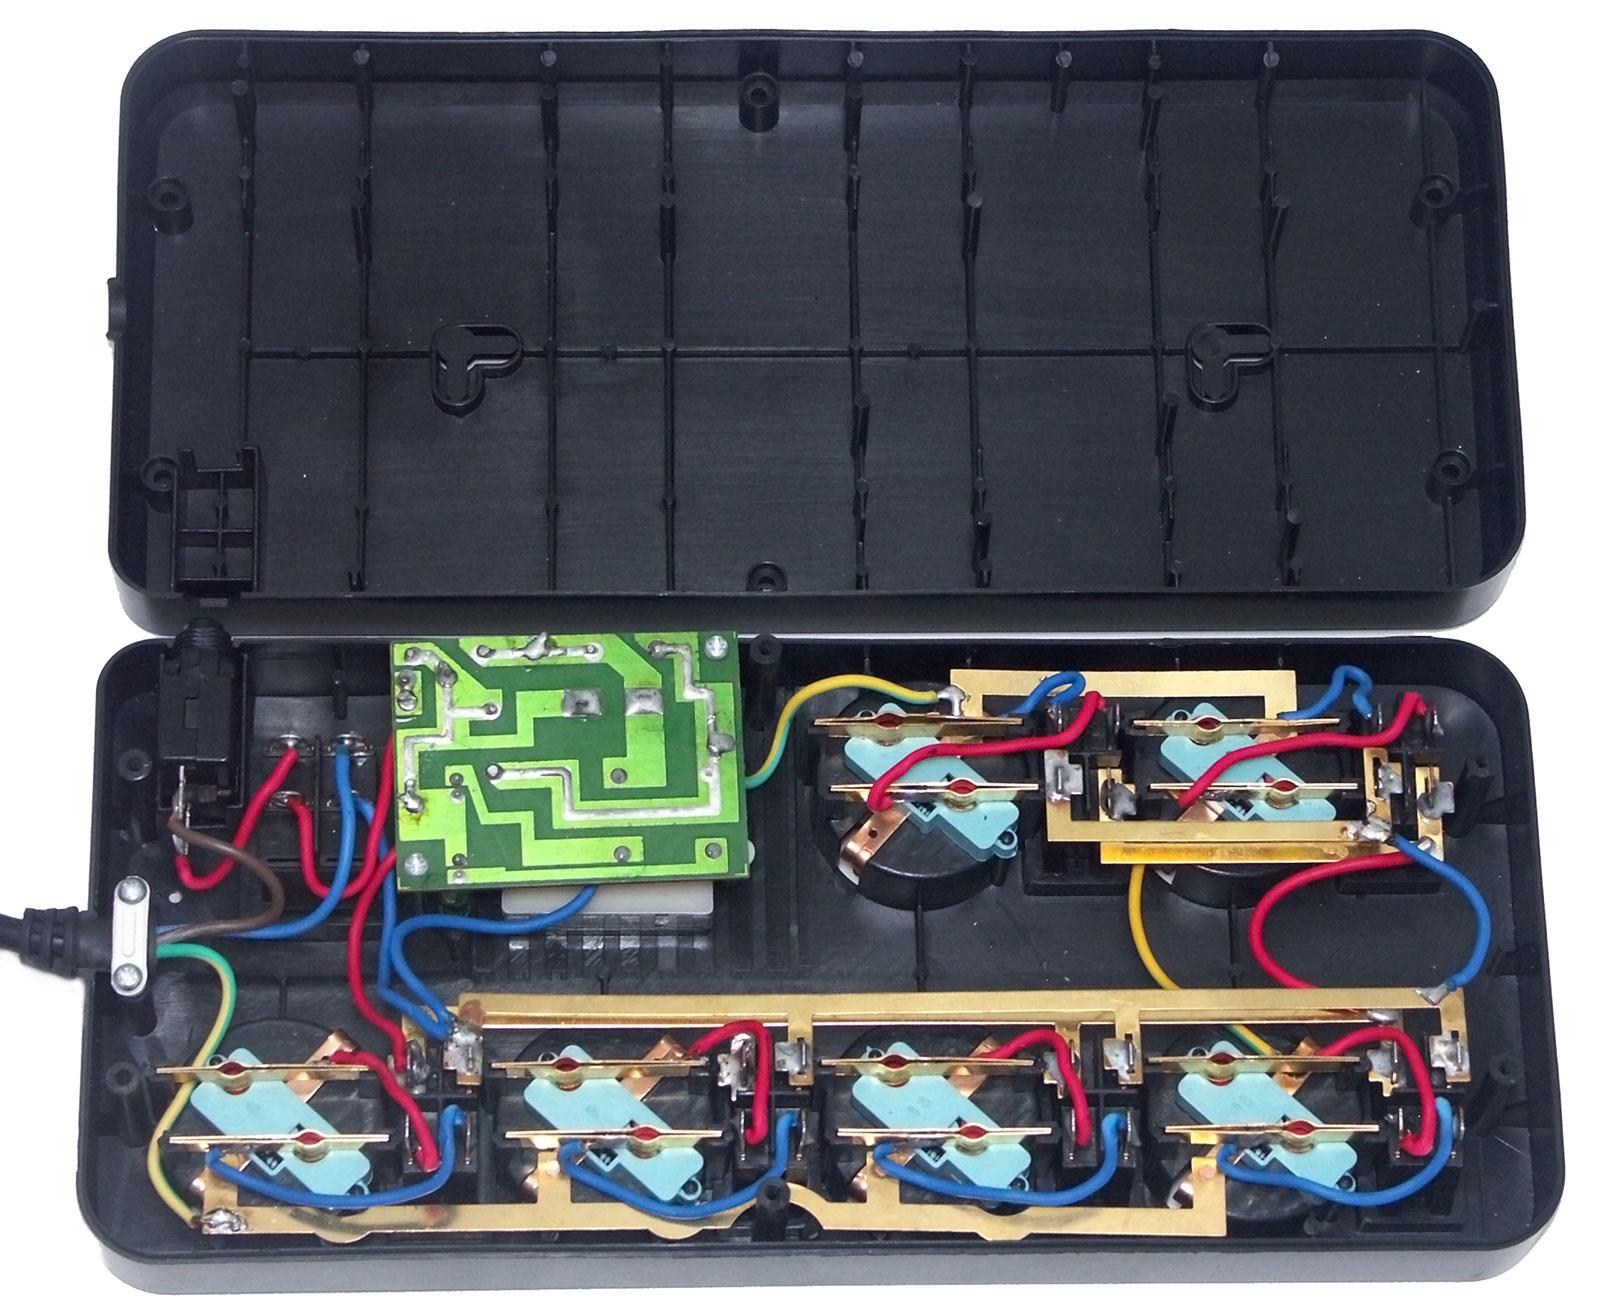 схема сетевого фильтра эленберг esf-0304g